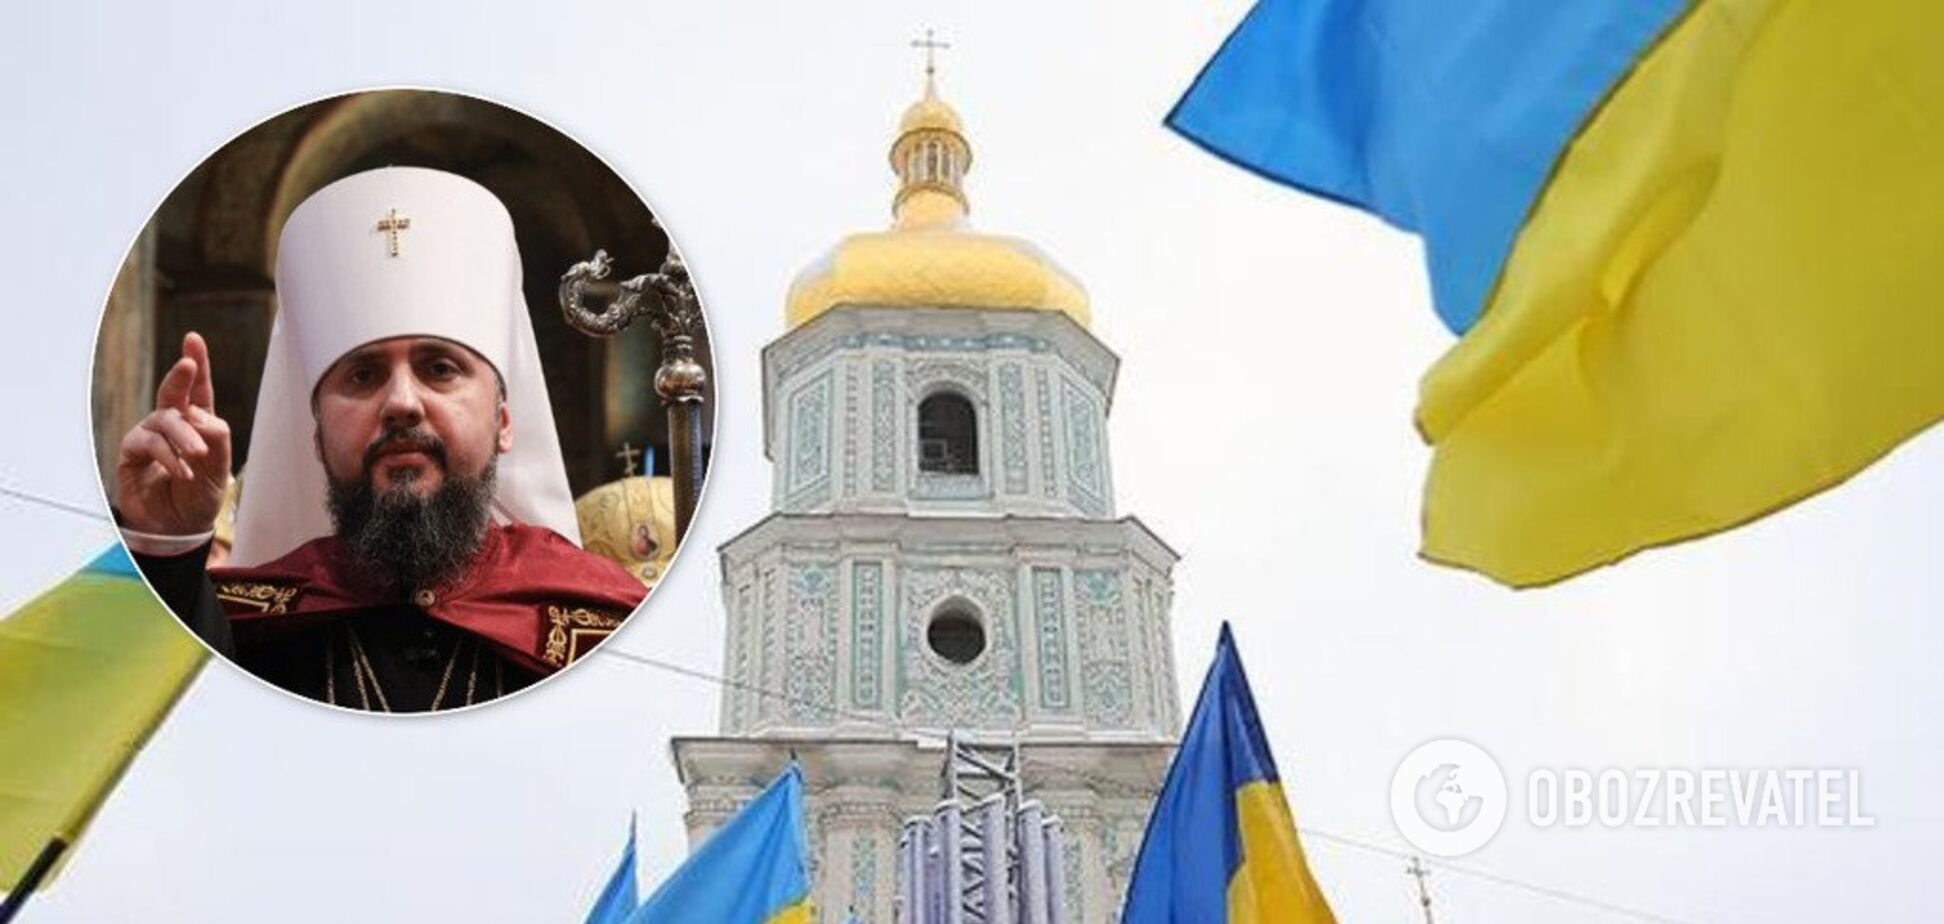 Парафії РПЦ більше не переходять у ПЦУ: Епіфаній назвав причину